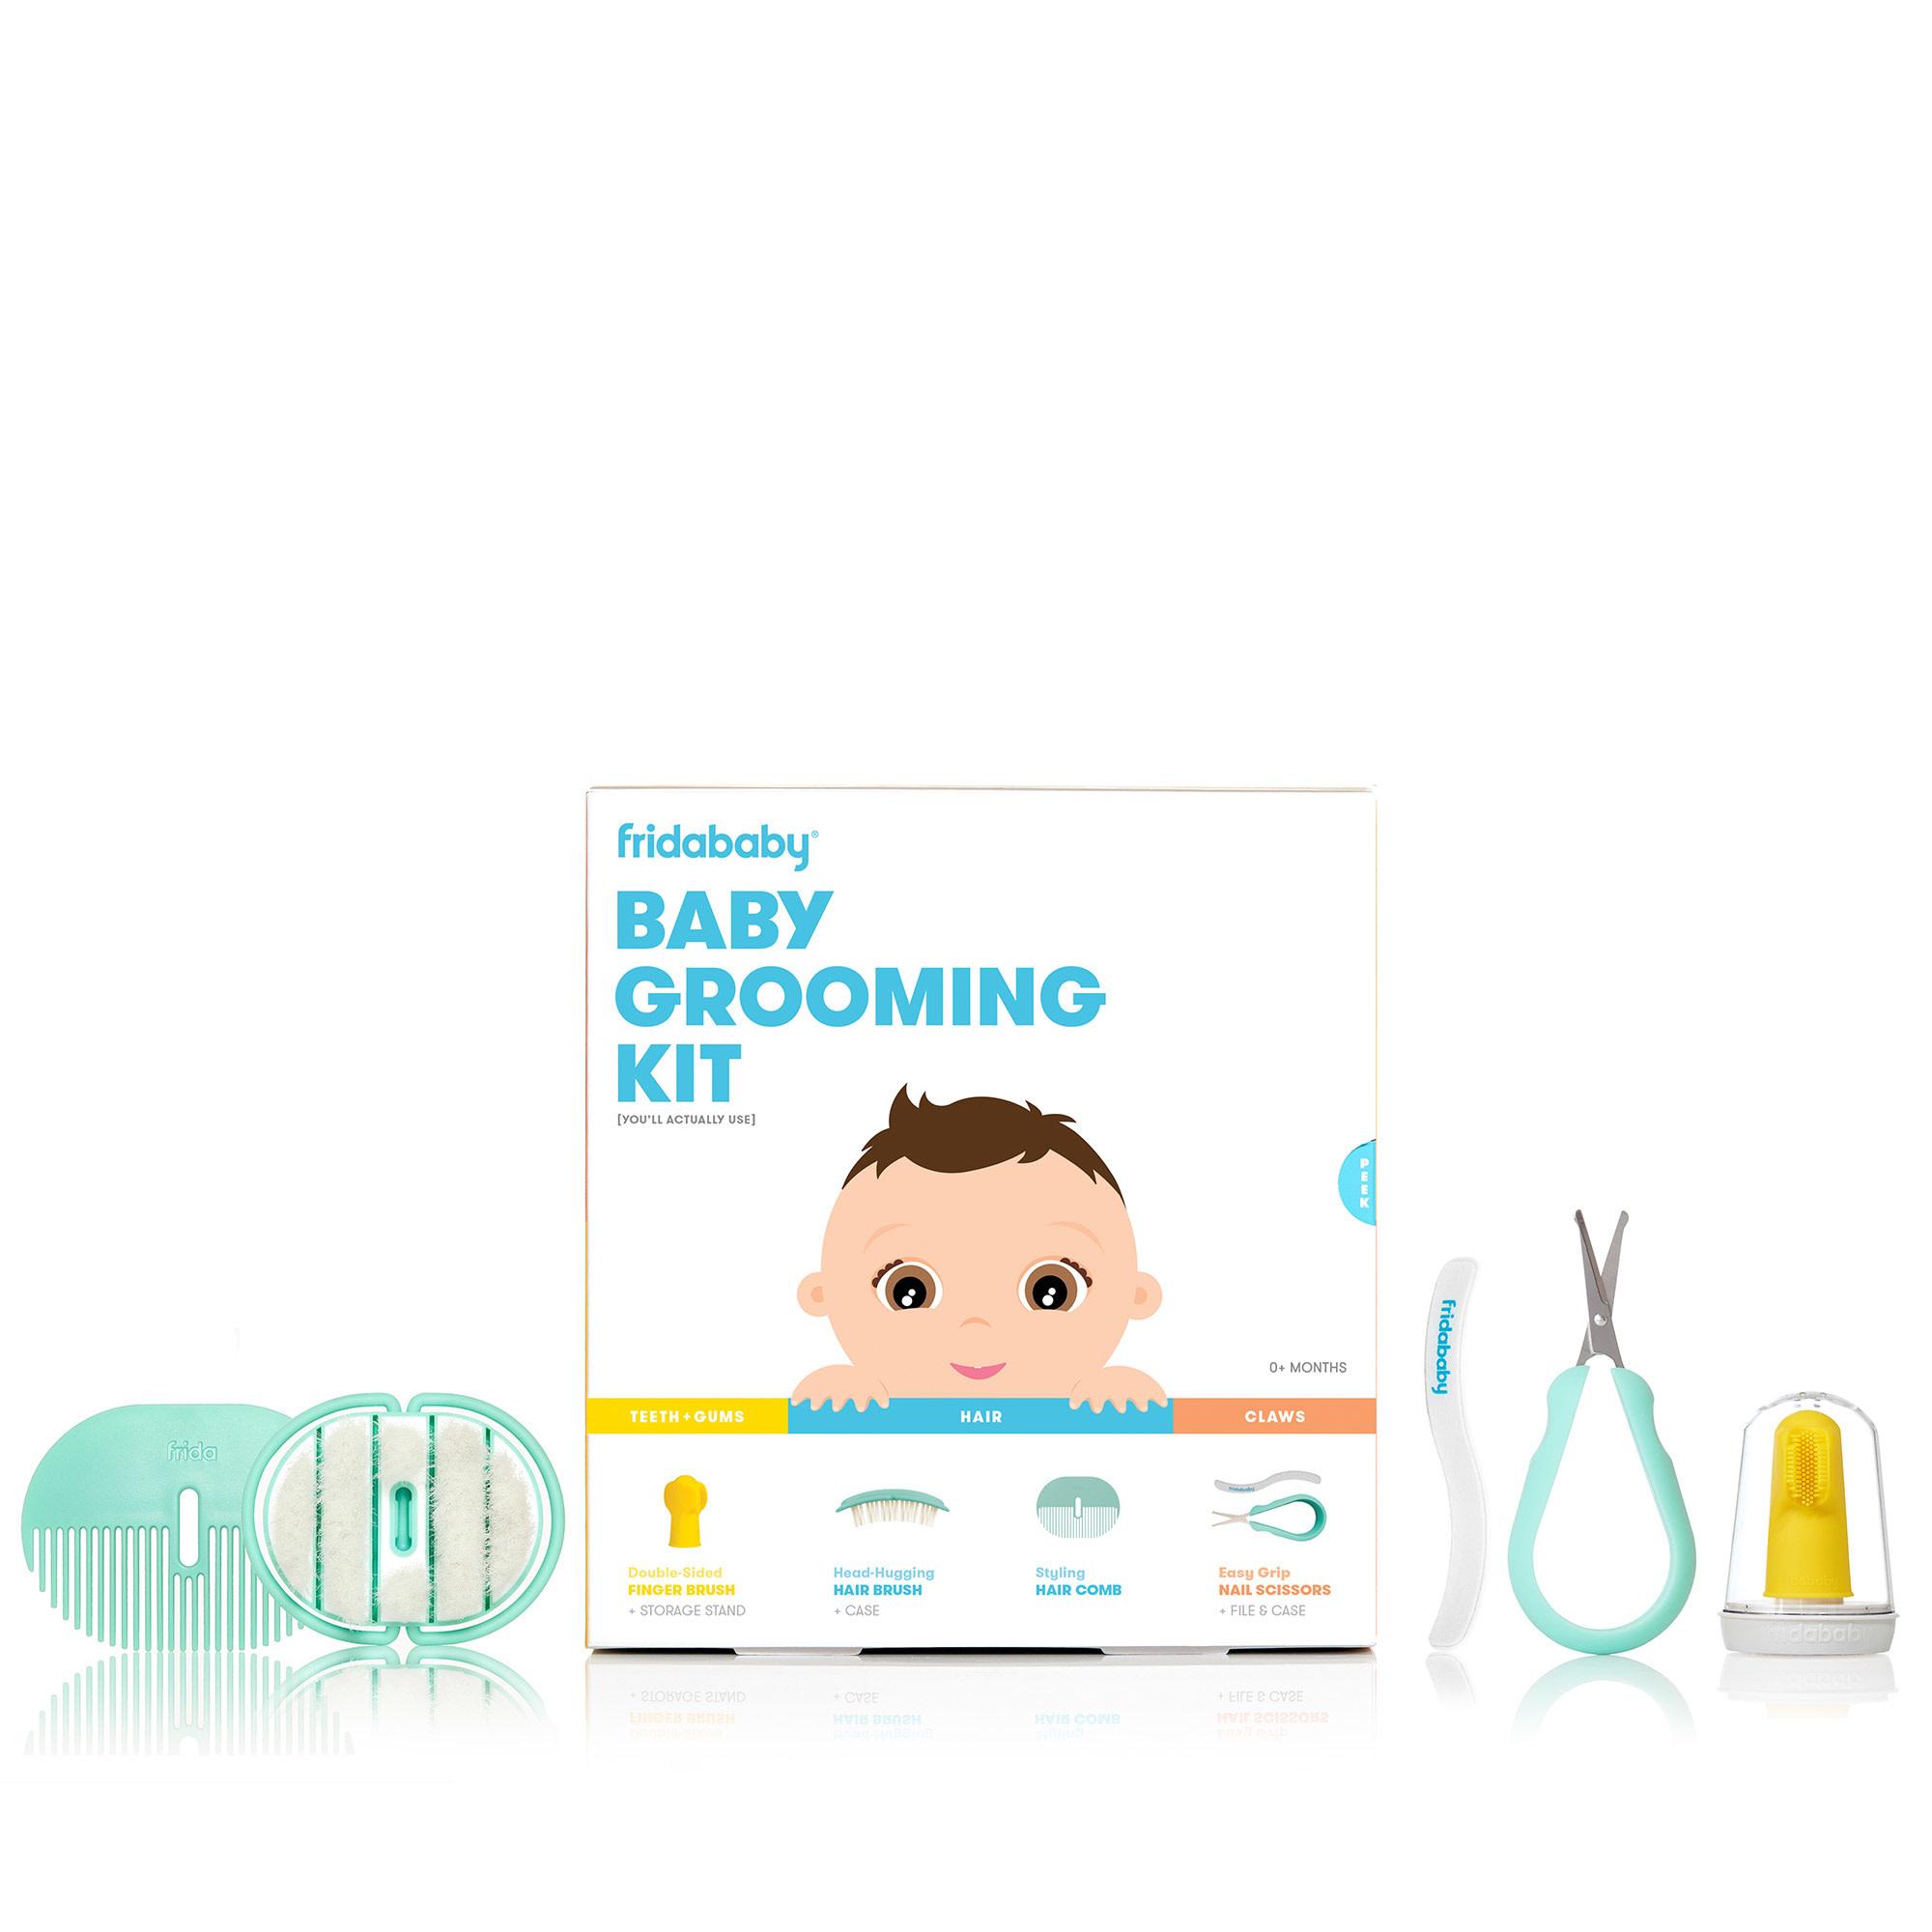 Fridababy Grooming Kit